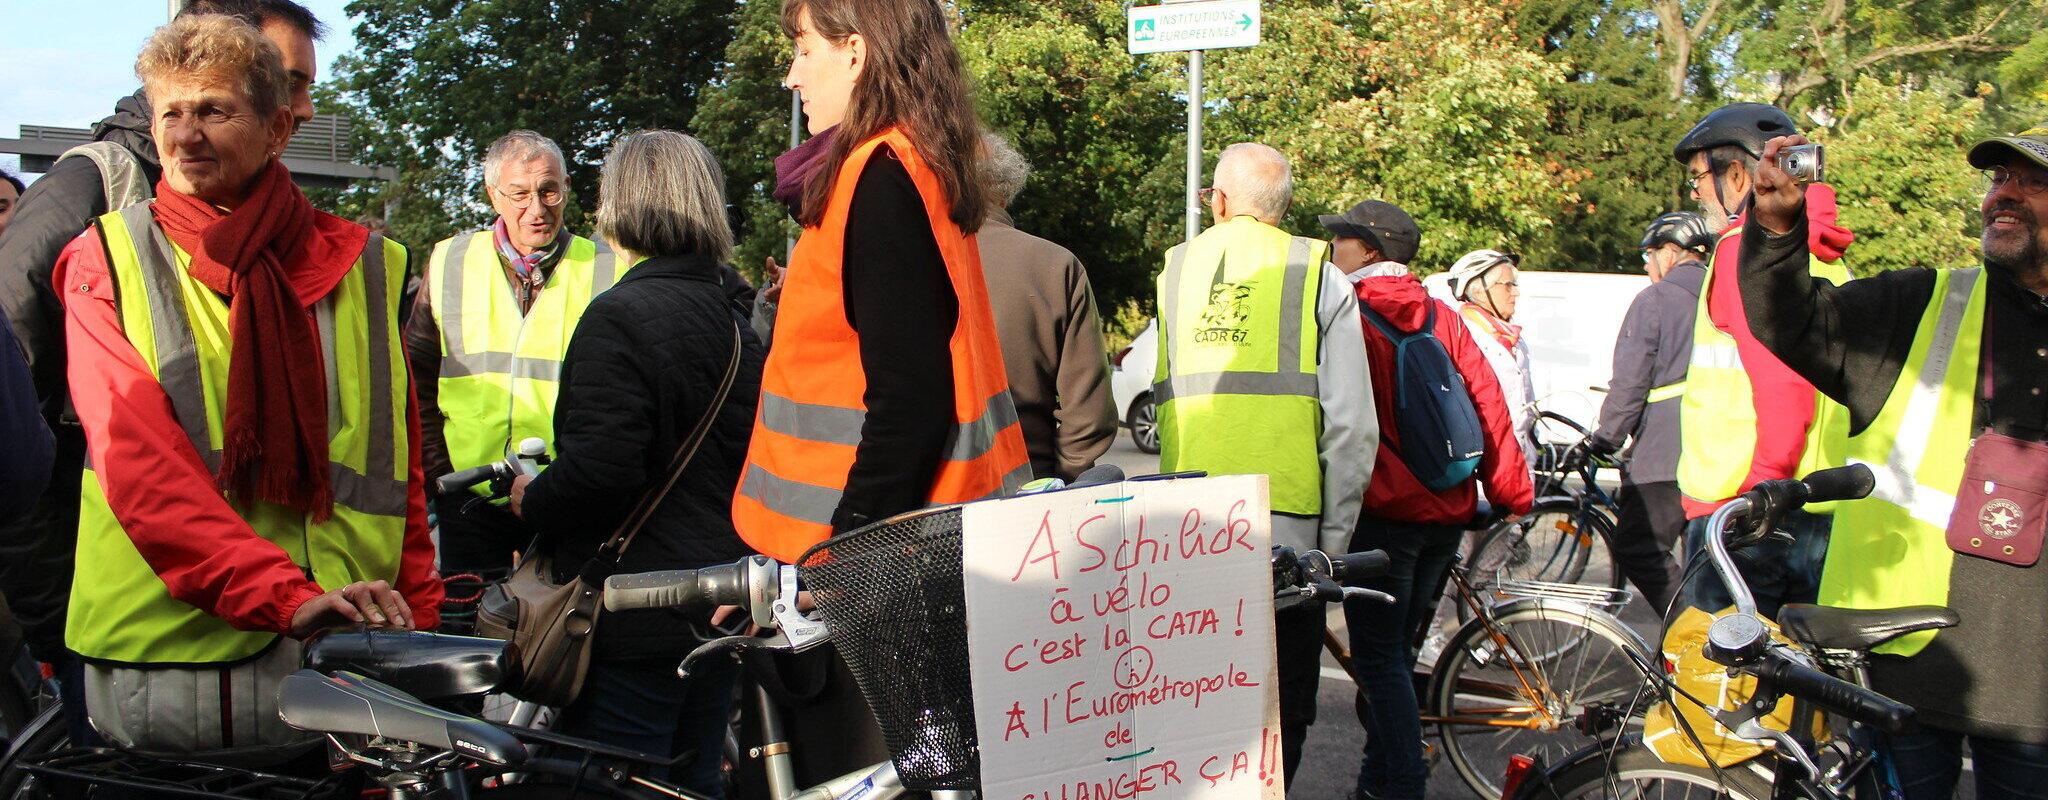 Pour plus de pistes cyclables, le collectif Vélorution appelle à manifester route de Bischwiller samedi